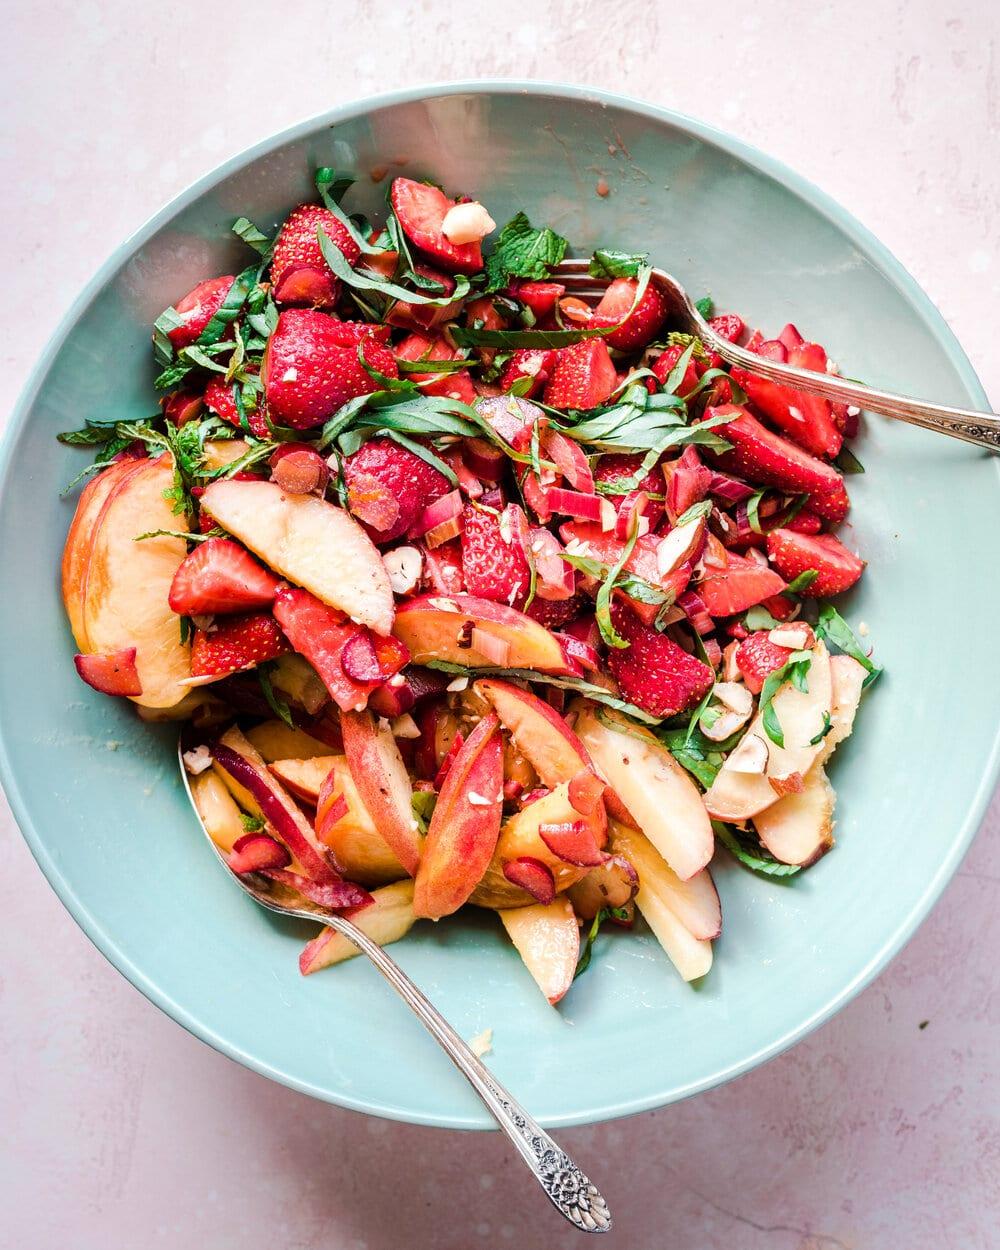 Healthy Strawberry Rhubarb Salad